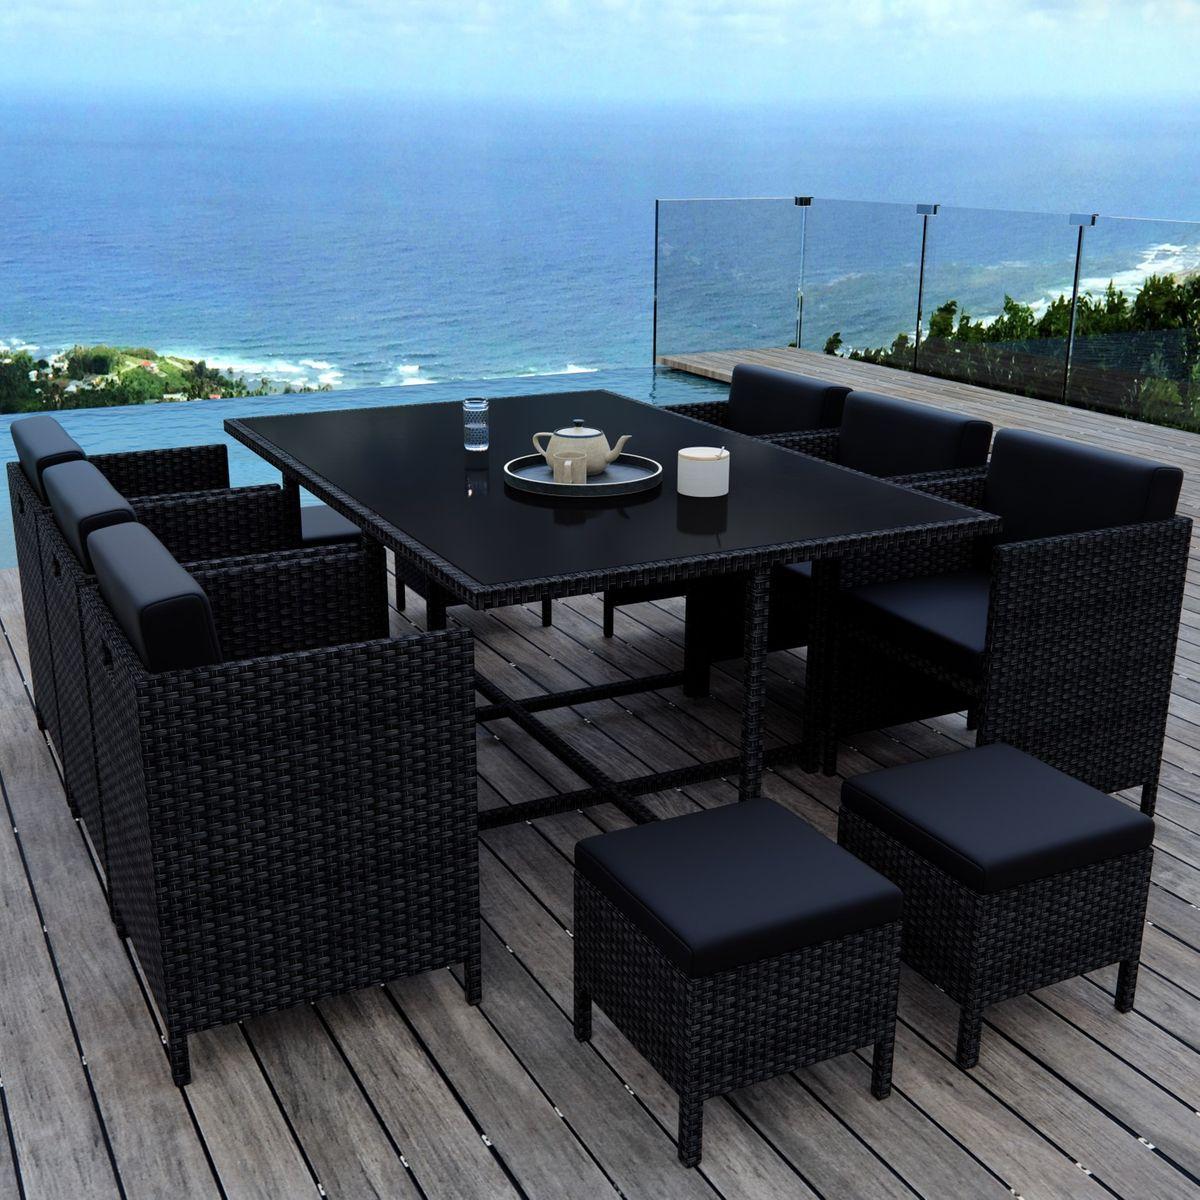 Table De Jardin Encastrable, 10 Places, Resine Tressee ... concernant Salon De Jardin Encastrable 10 Places